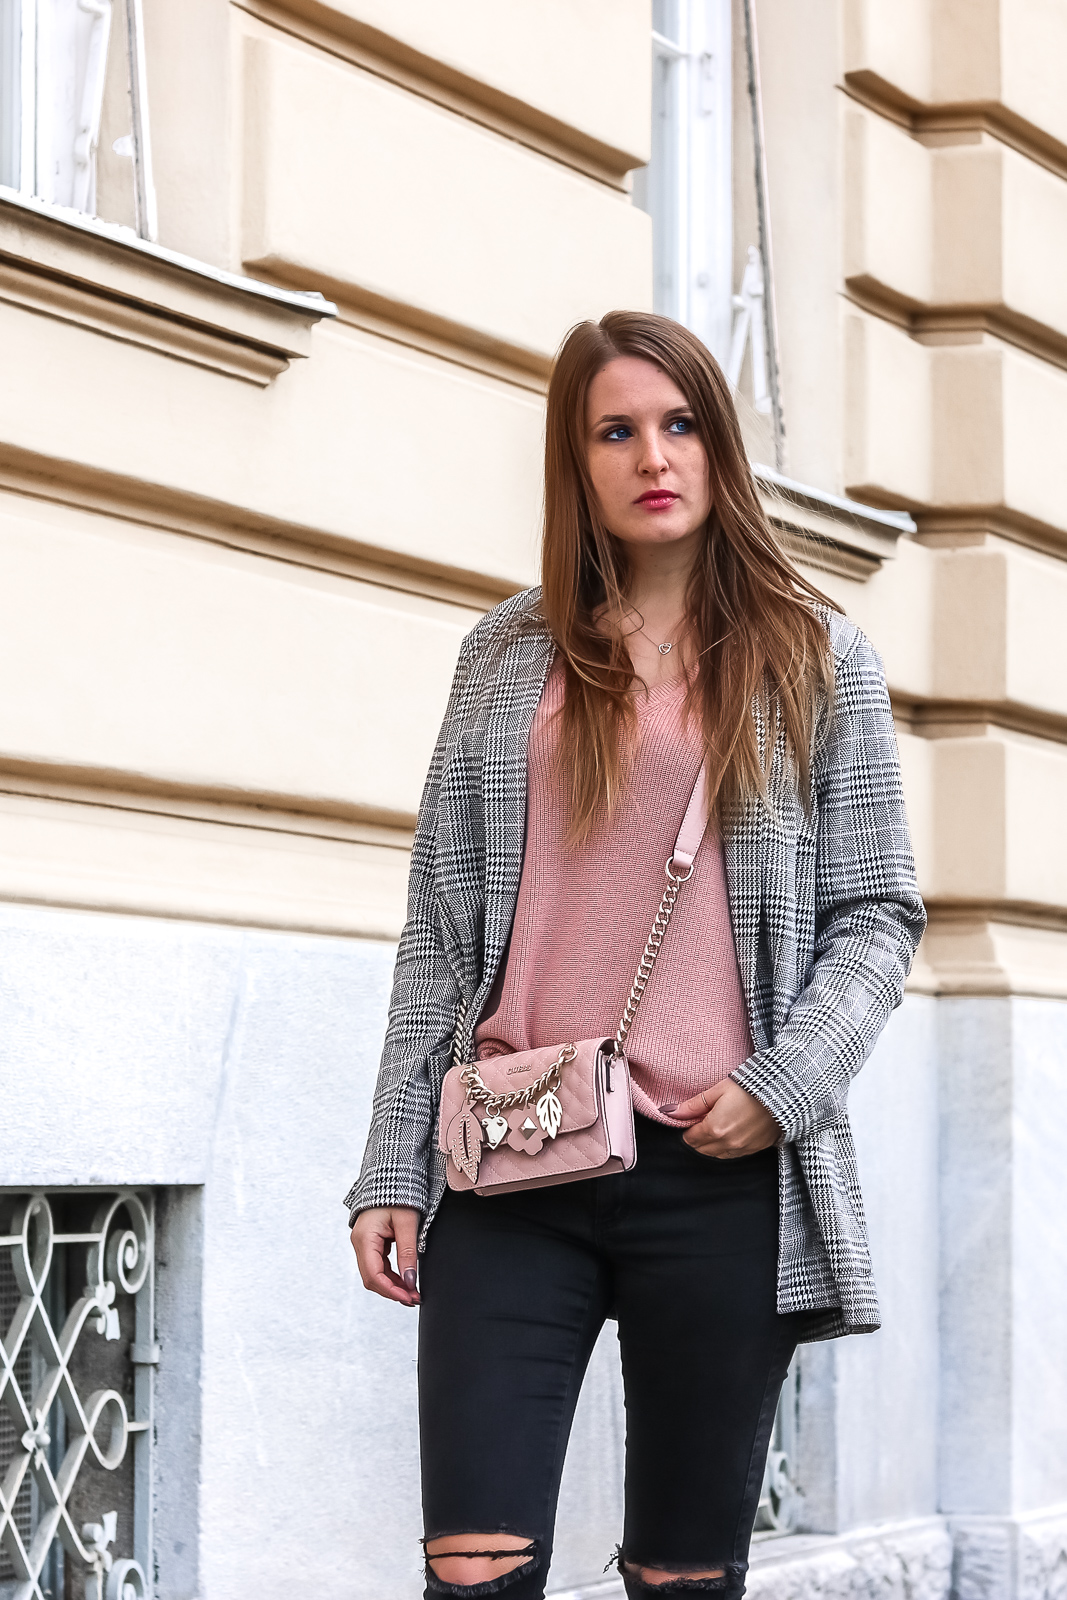 Der Blazer Trend - entdecke die schönsten Modelle - Blazer shoppen - Blazer Trends - Blazer kombinieren - Modetrend 2019 - Blazer stylen - Blazer mit Gürtel - schönen Blazer kaufen - Fashionladyloves by Tamara Wagner - Modeblog